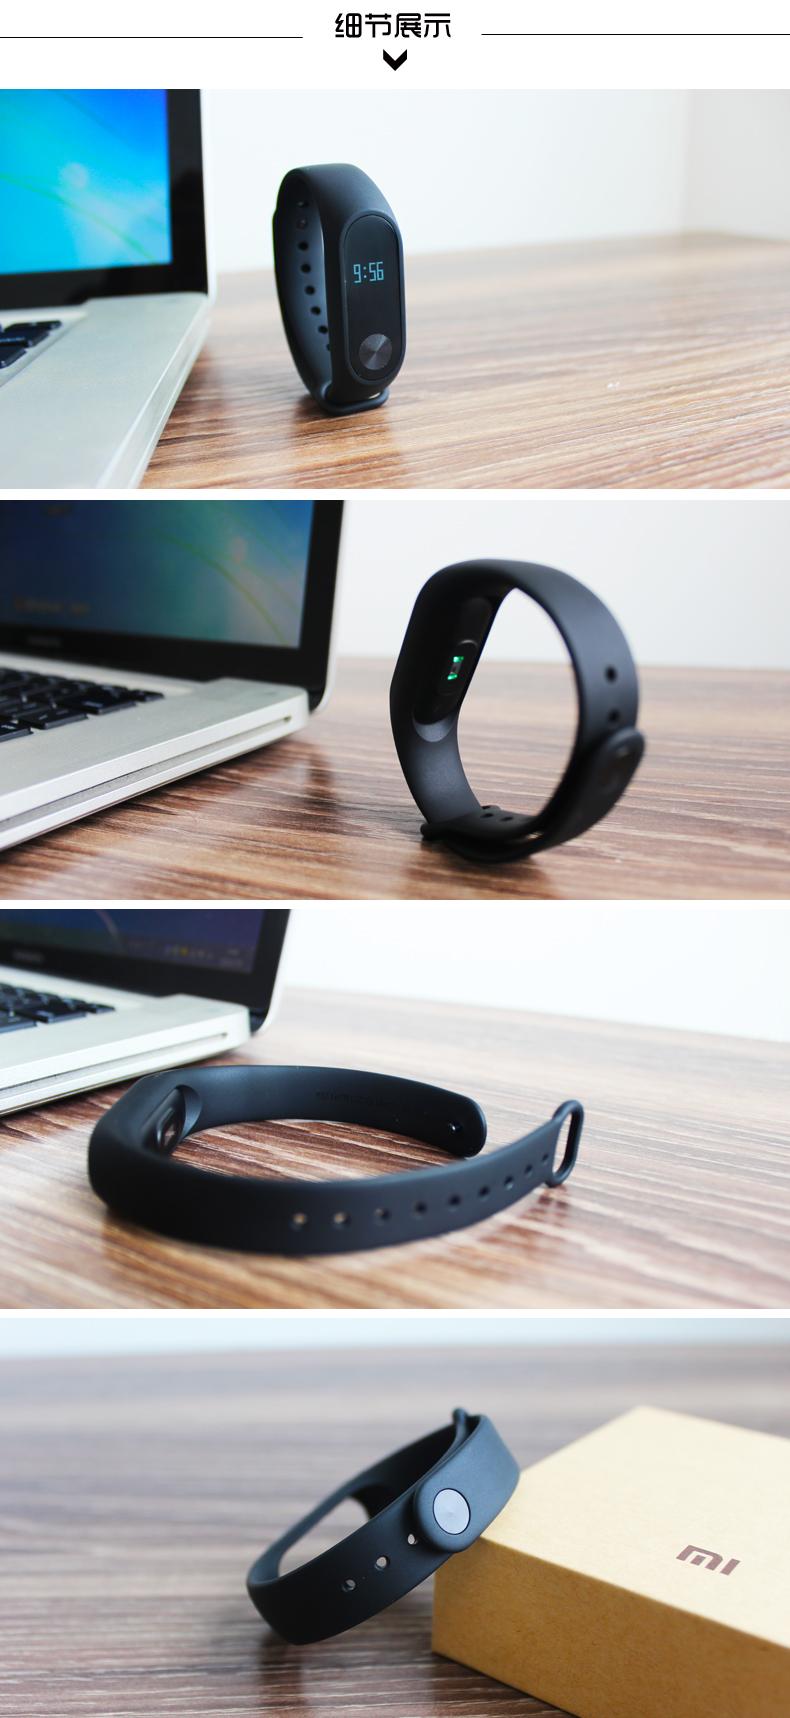 Originale xiaomi mi kompania 2 miband inteligentne centrum vigilanza del braccialetto del nadgarstek monitor oled sonno touchpad della frequ 1